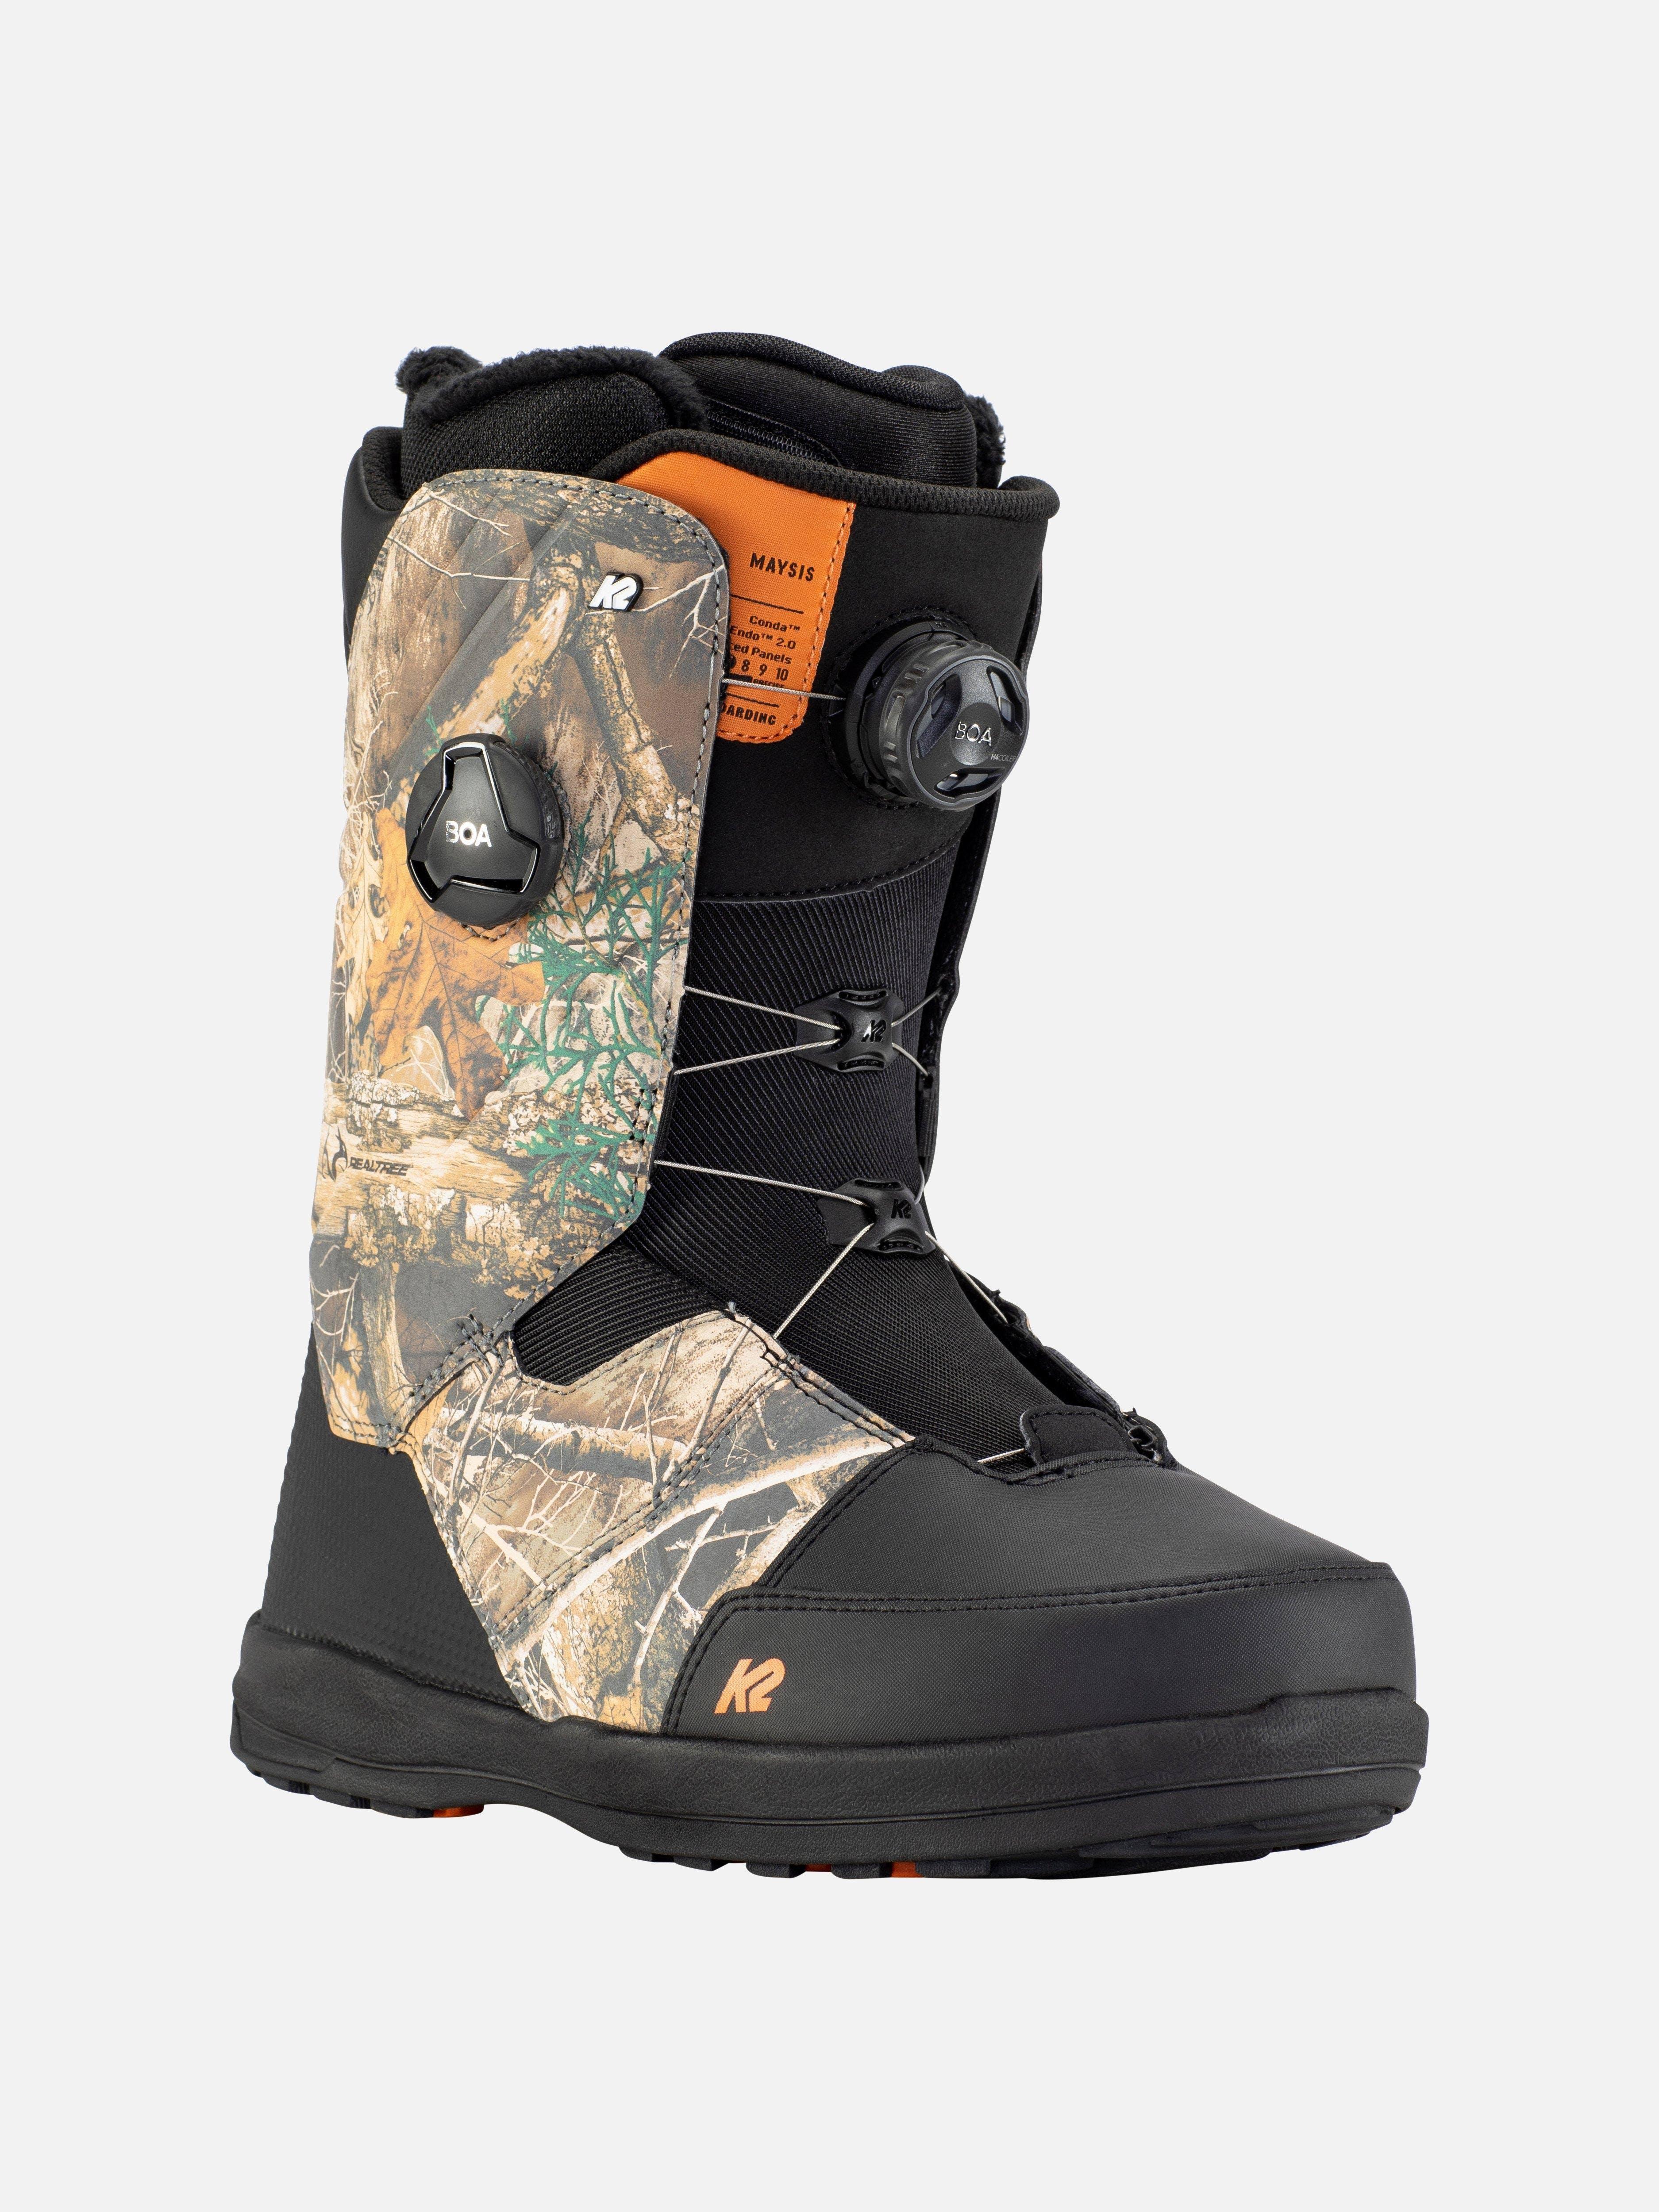 K2 Maysis Snowboard Boots · 2021